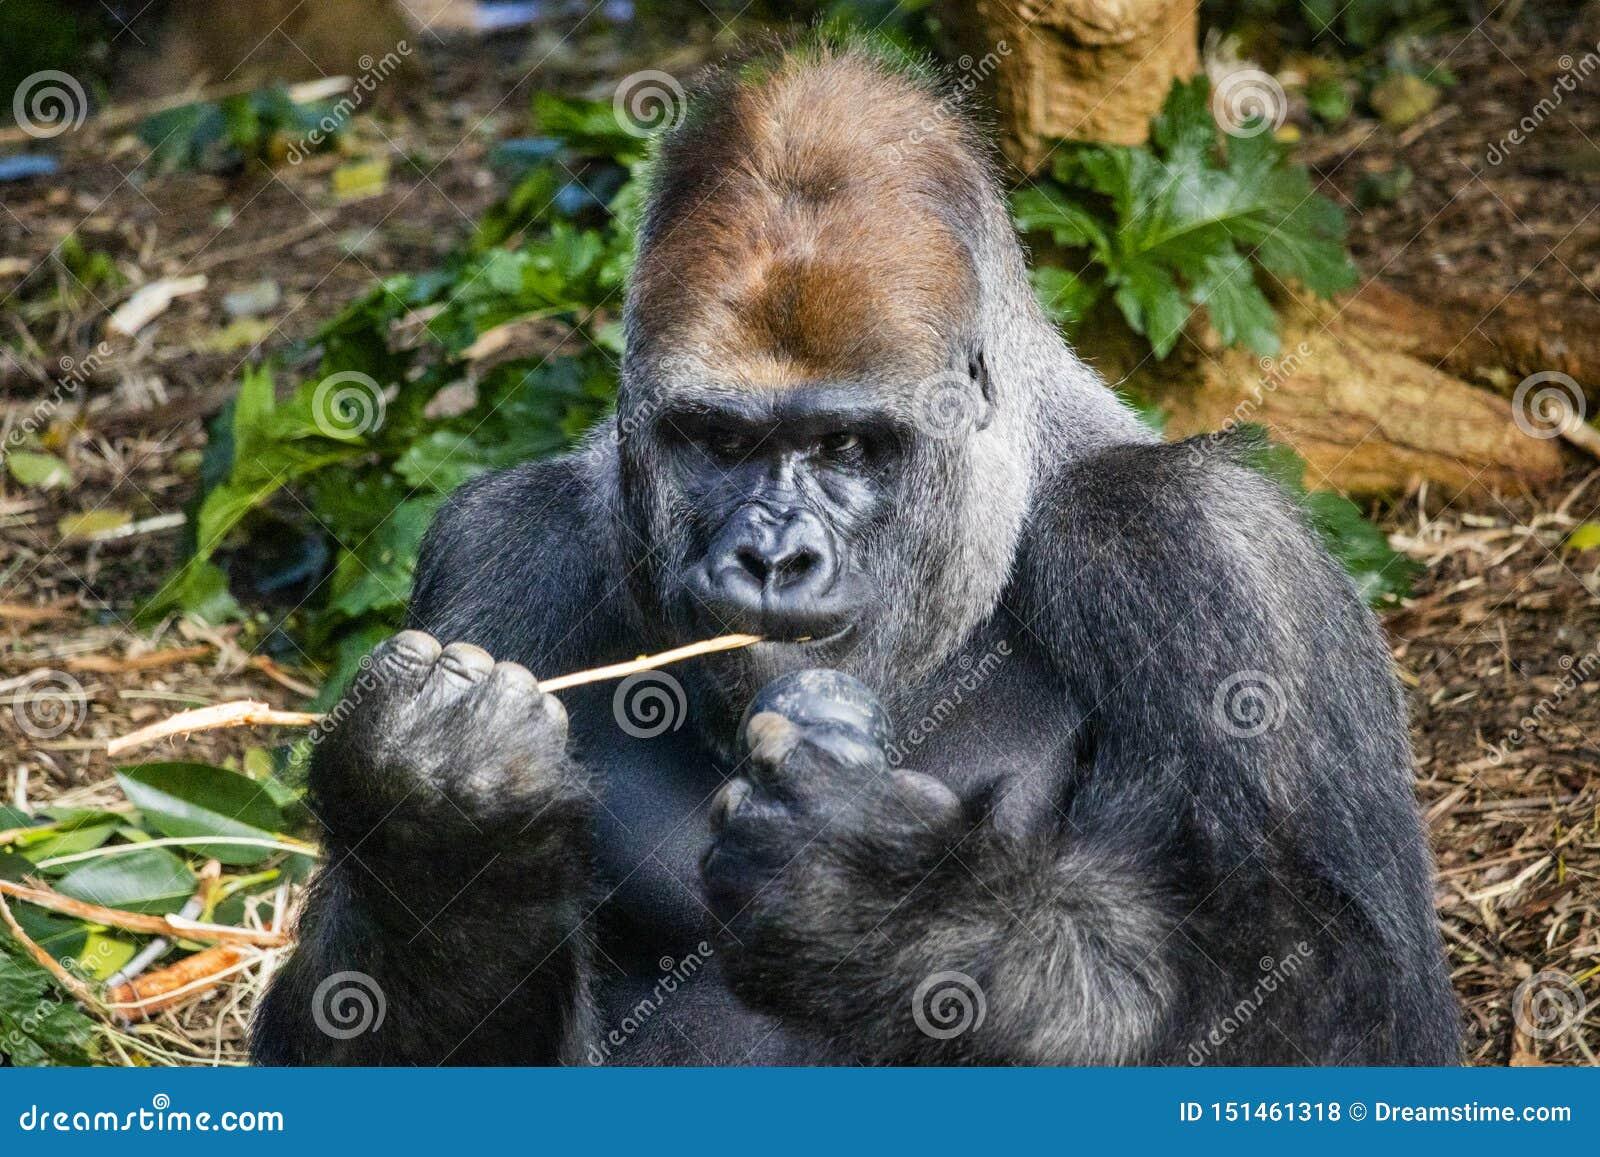 Silverbackgorilla som äter ut ur en kong